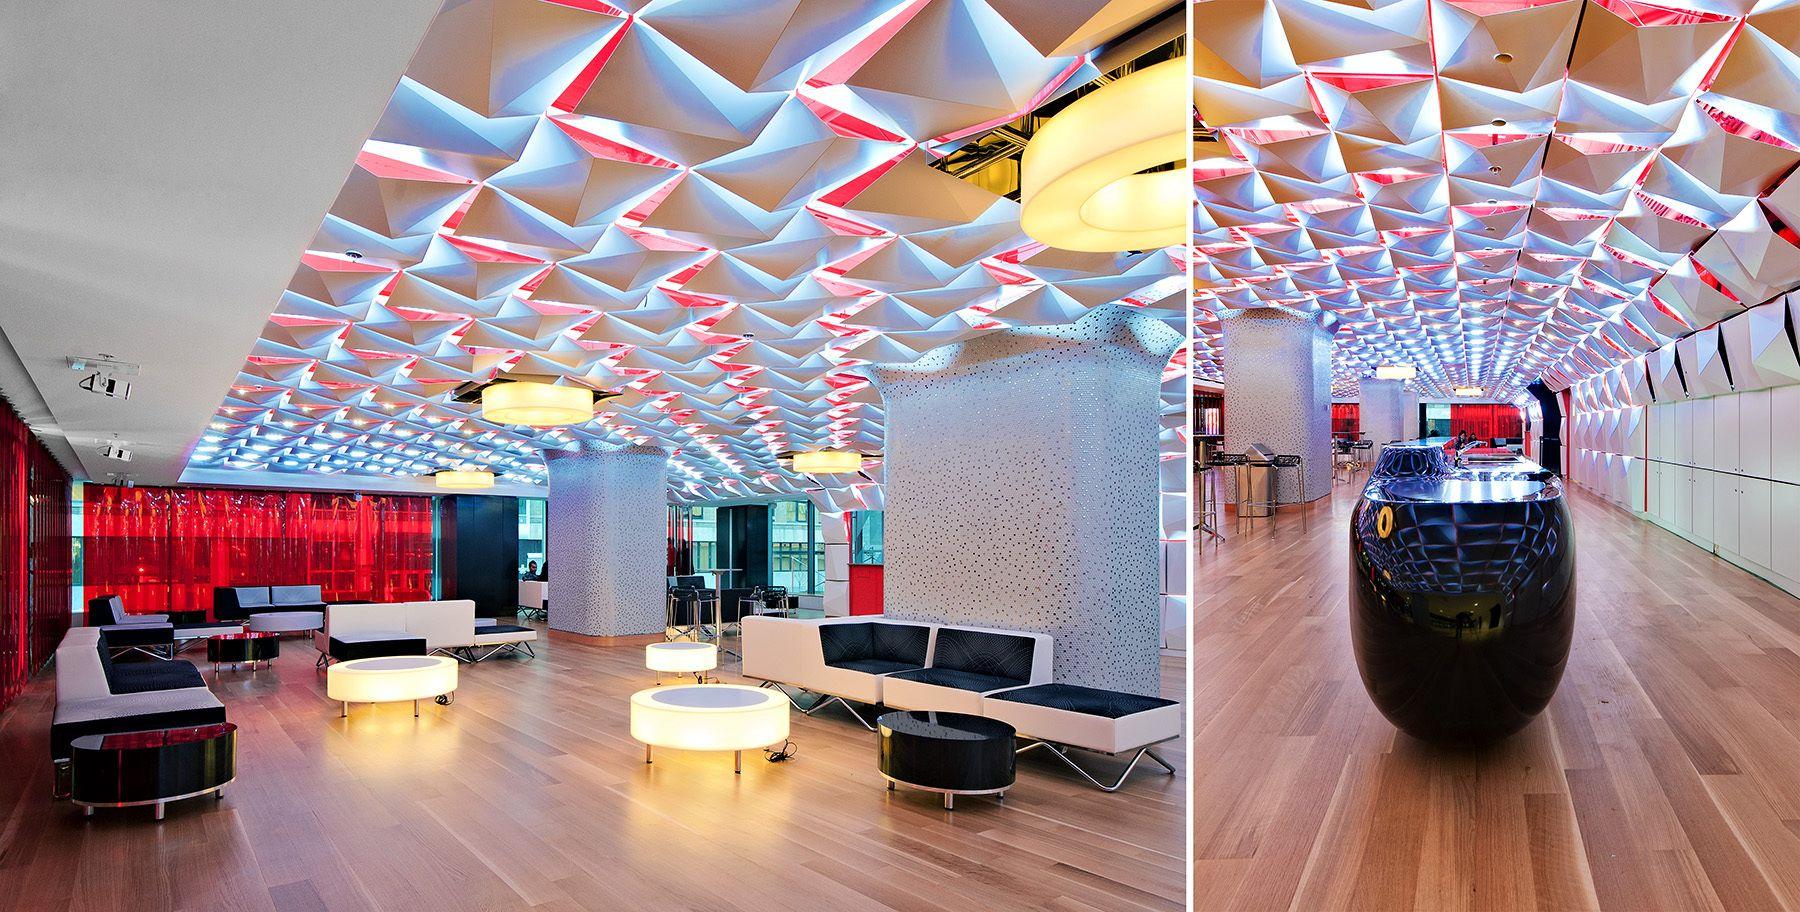 downtown salon interior design - Google Search